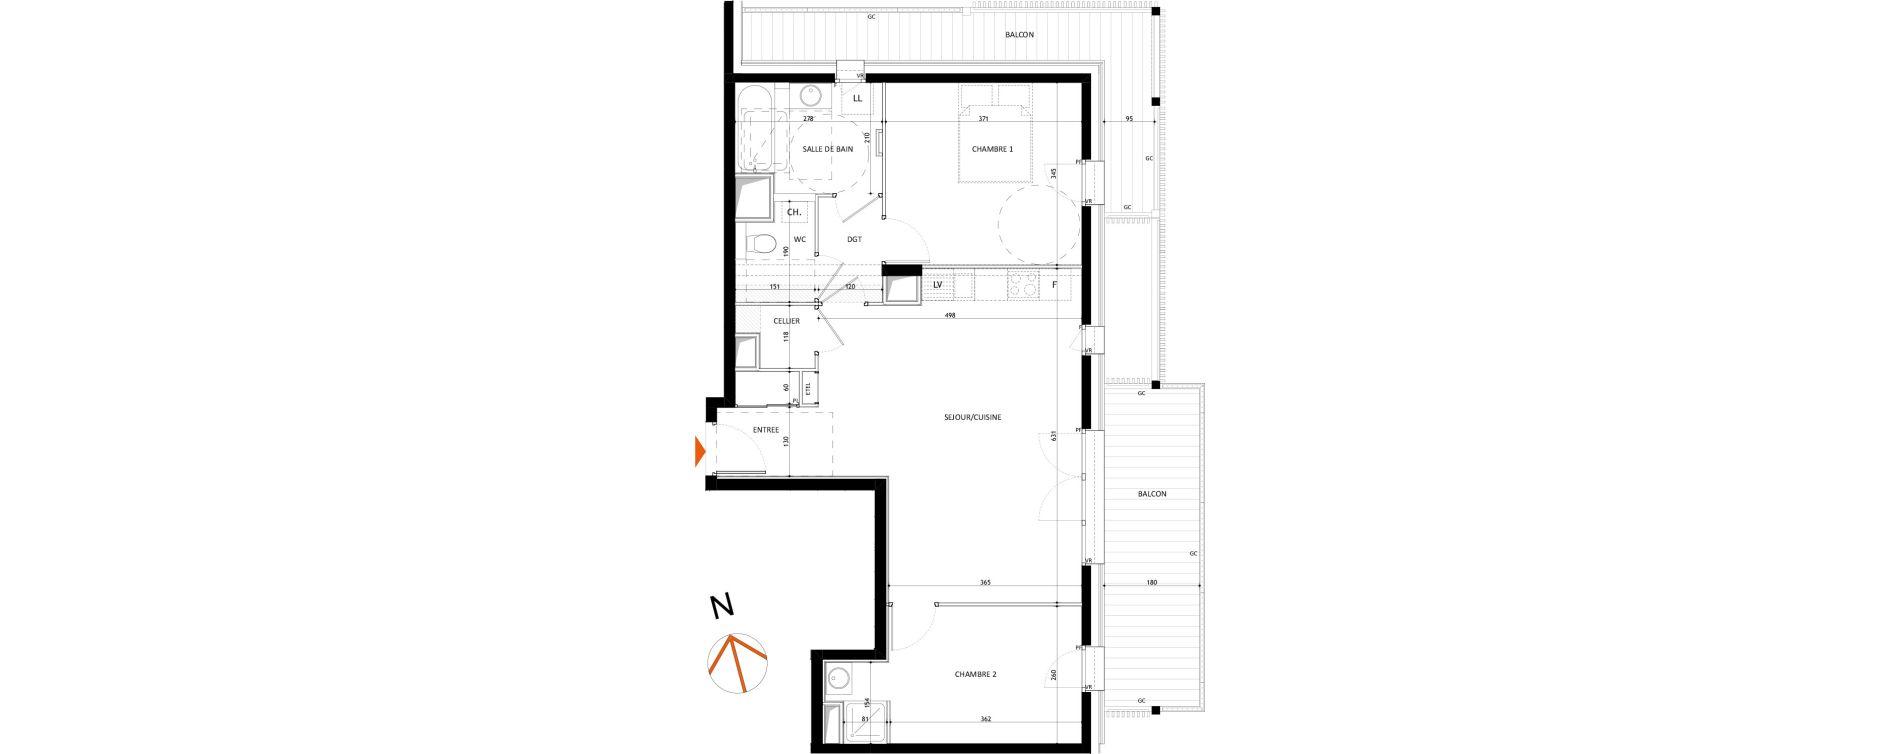 Appartement T3 de 65.80 m2 1er étage E Le 7 Samoëns ref 982